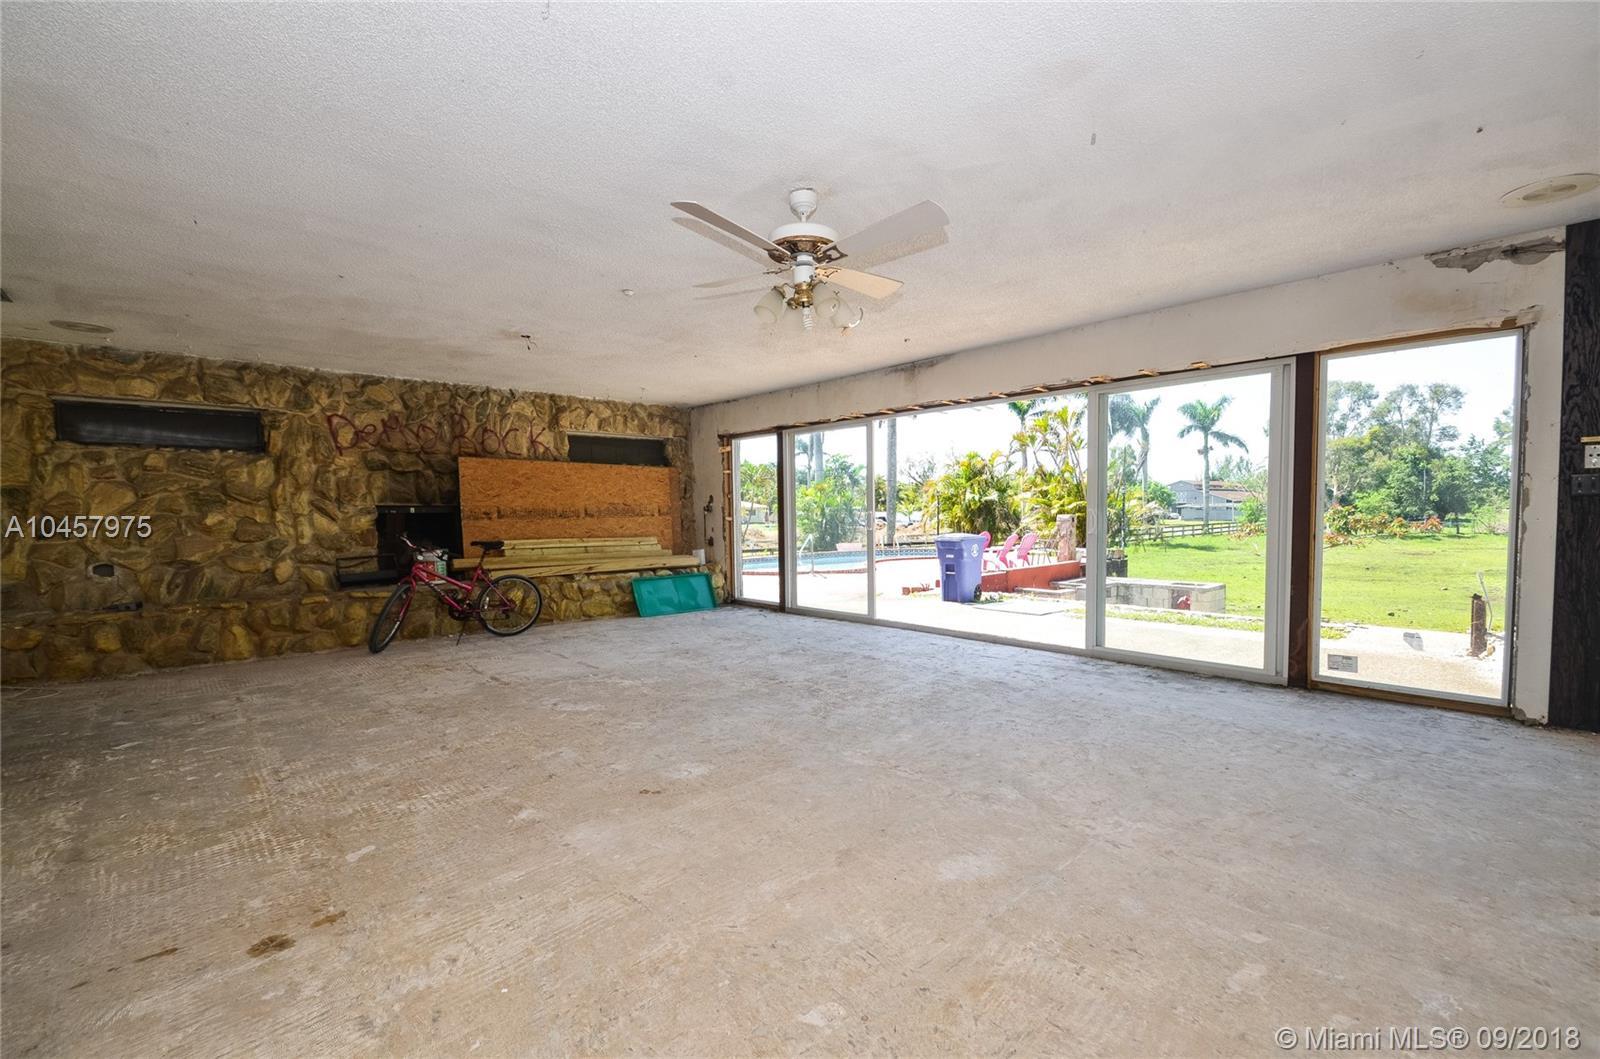 3900 Sw 126th Ave, Miramar FL, 33027